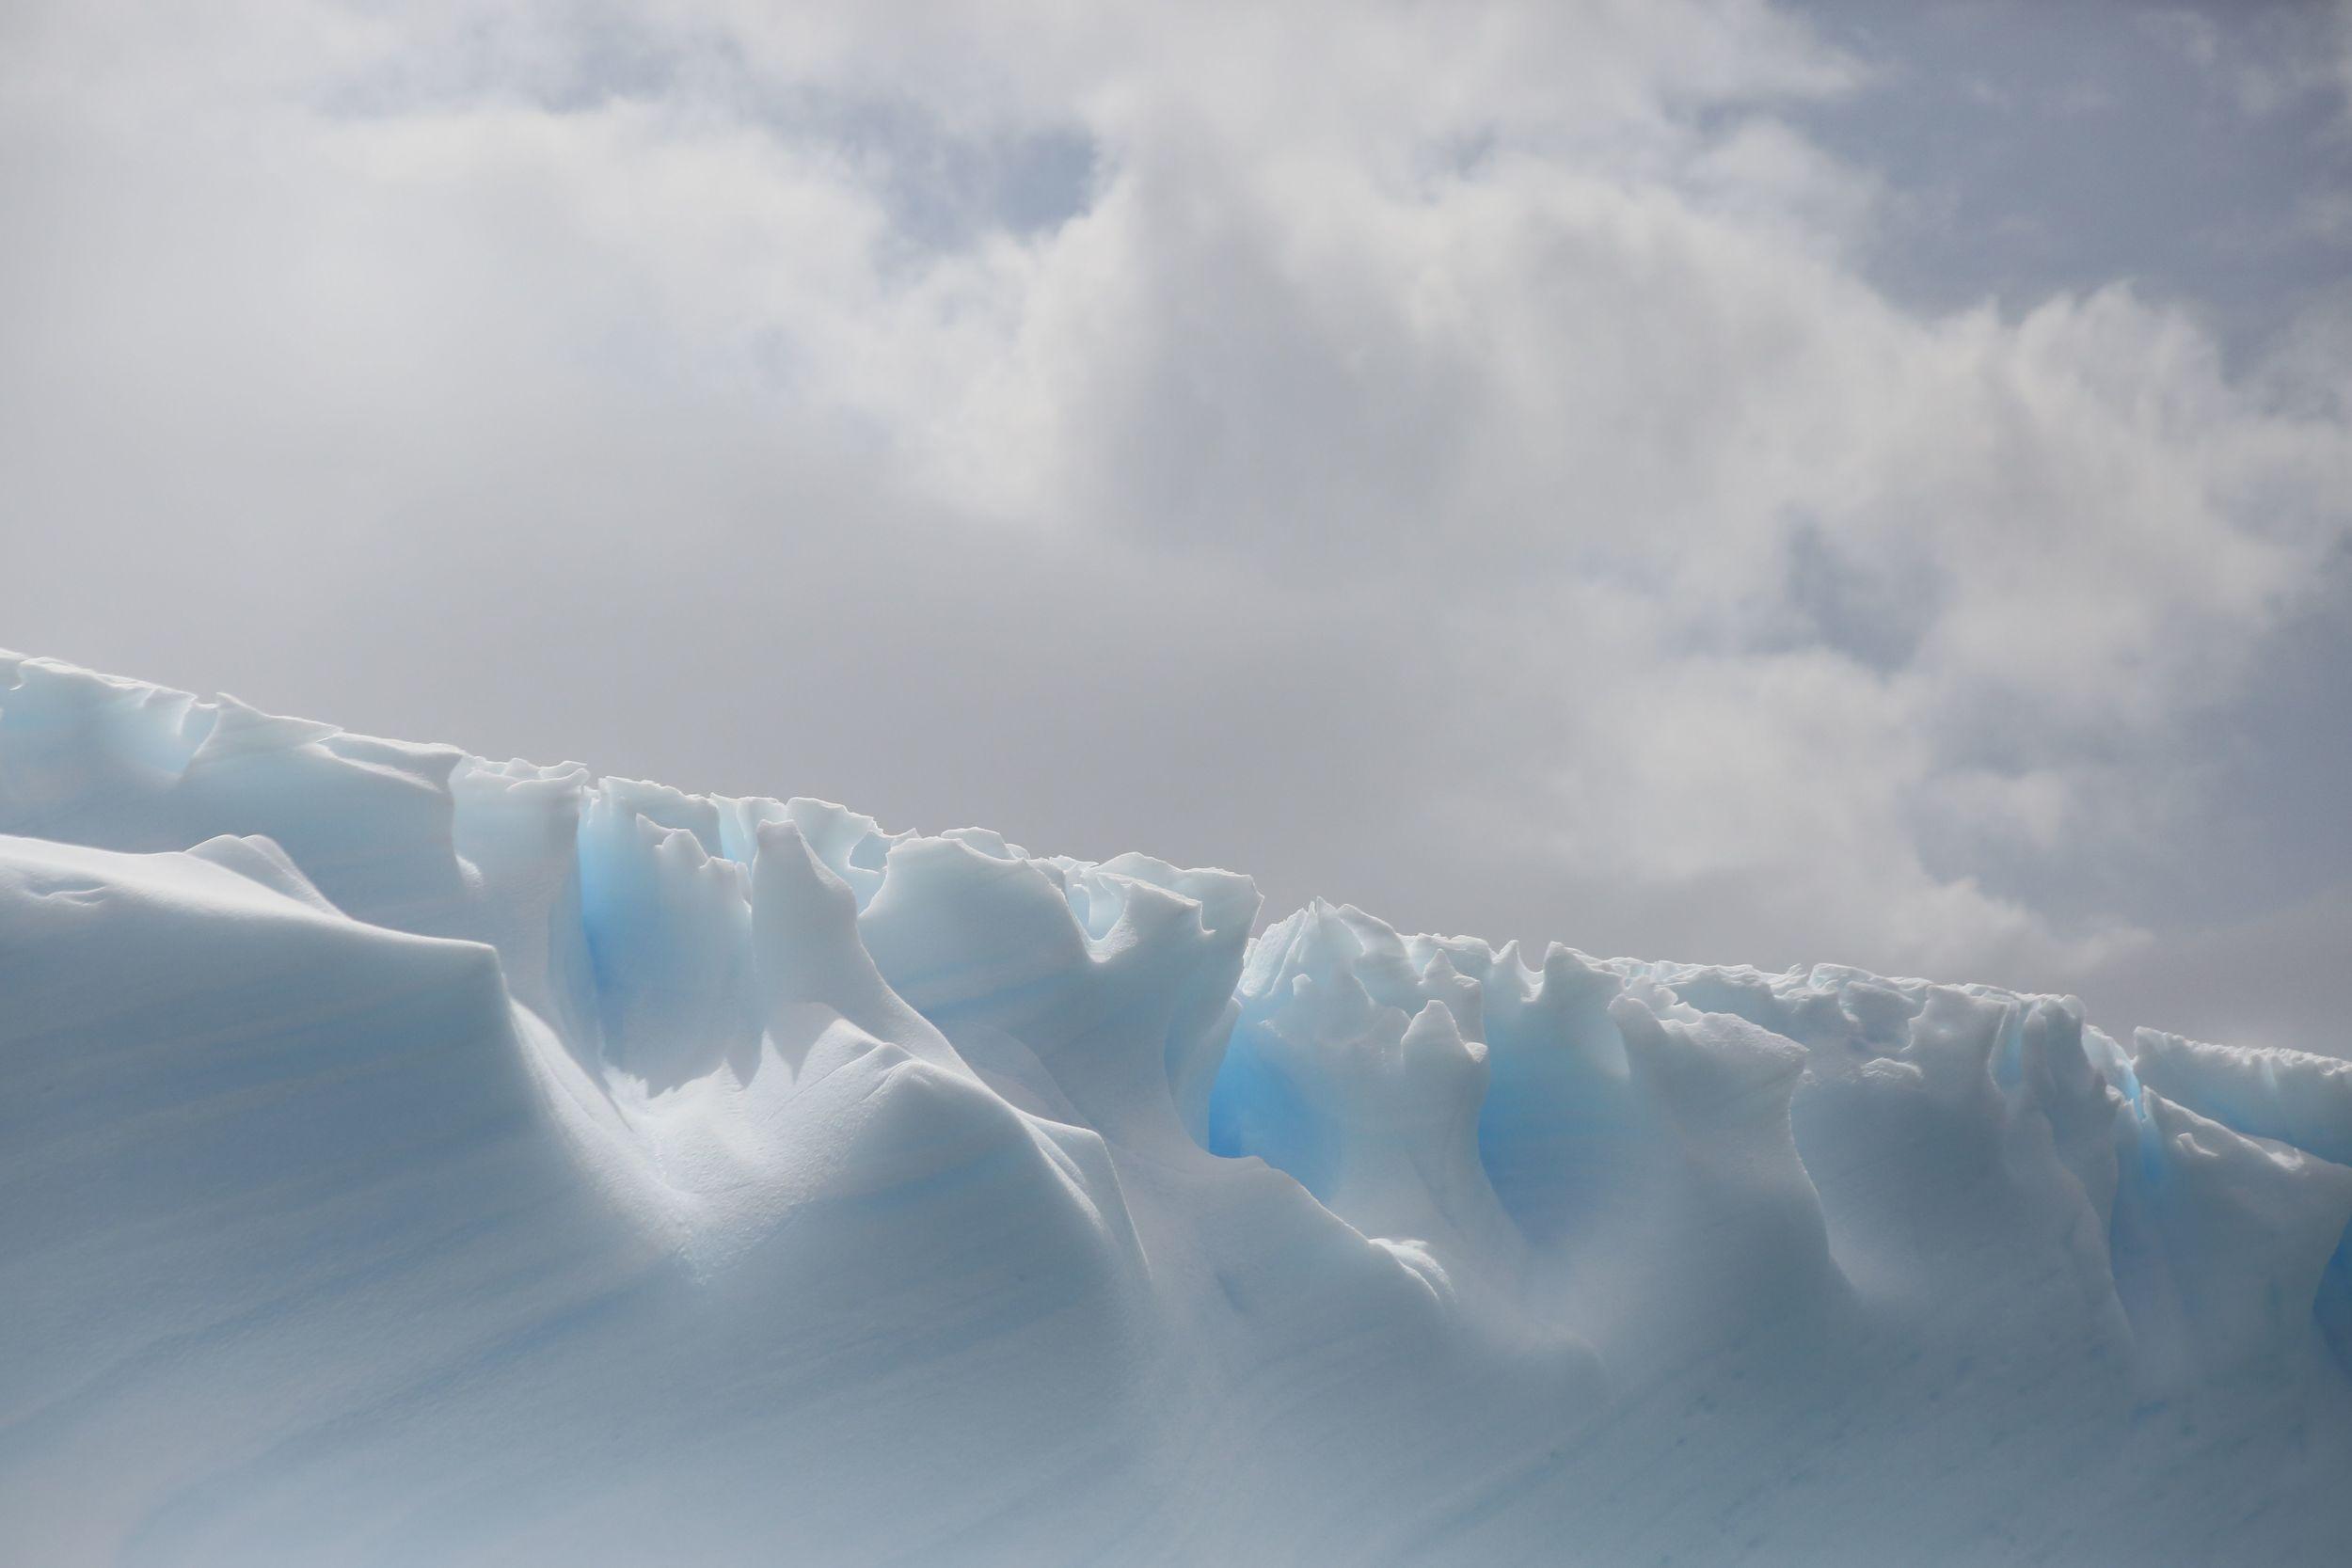 iceberg111315m.jpg